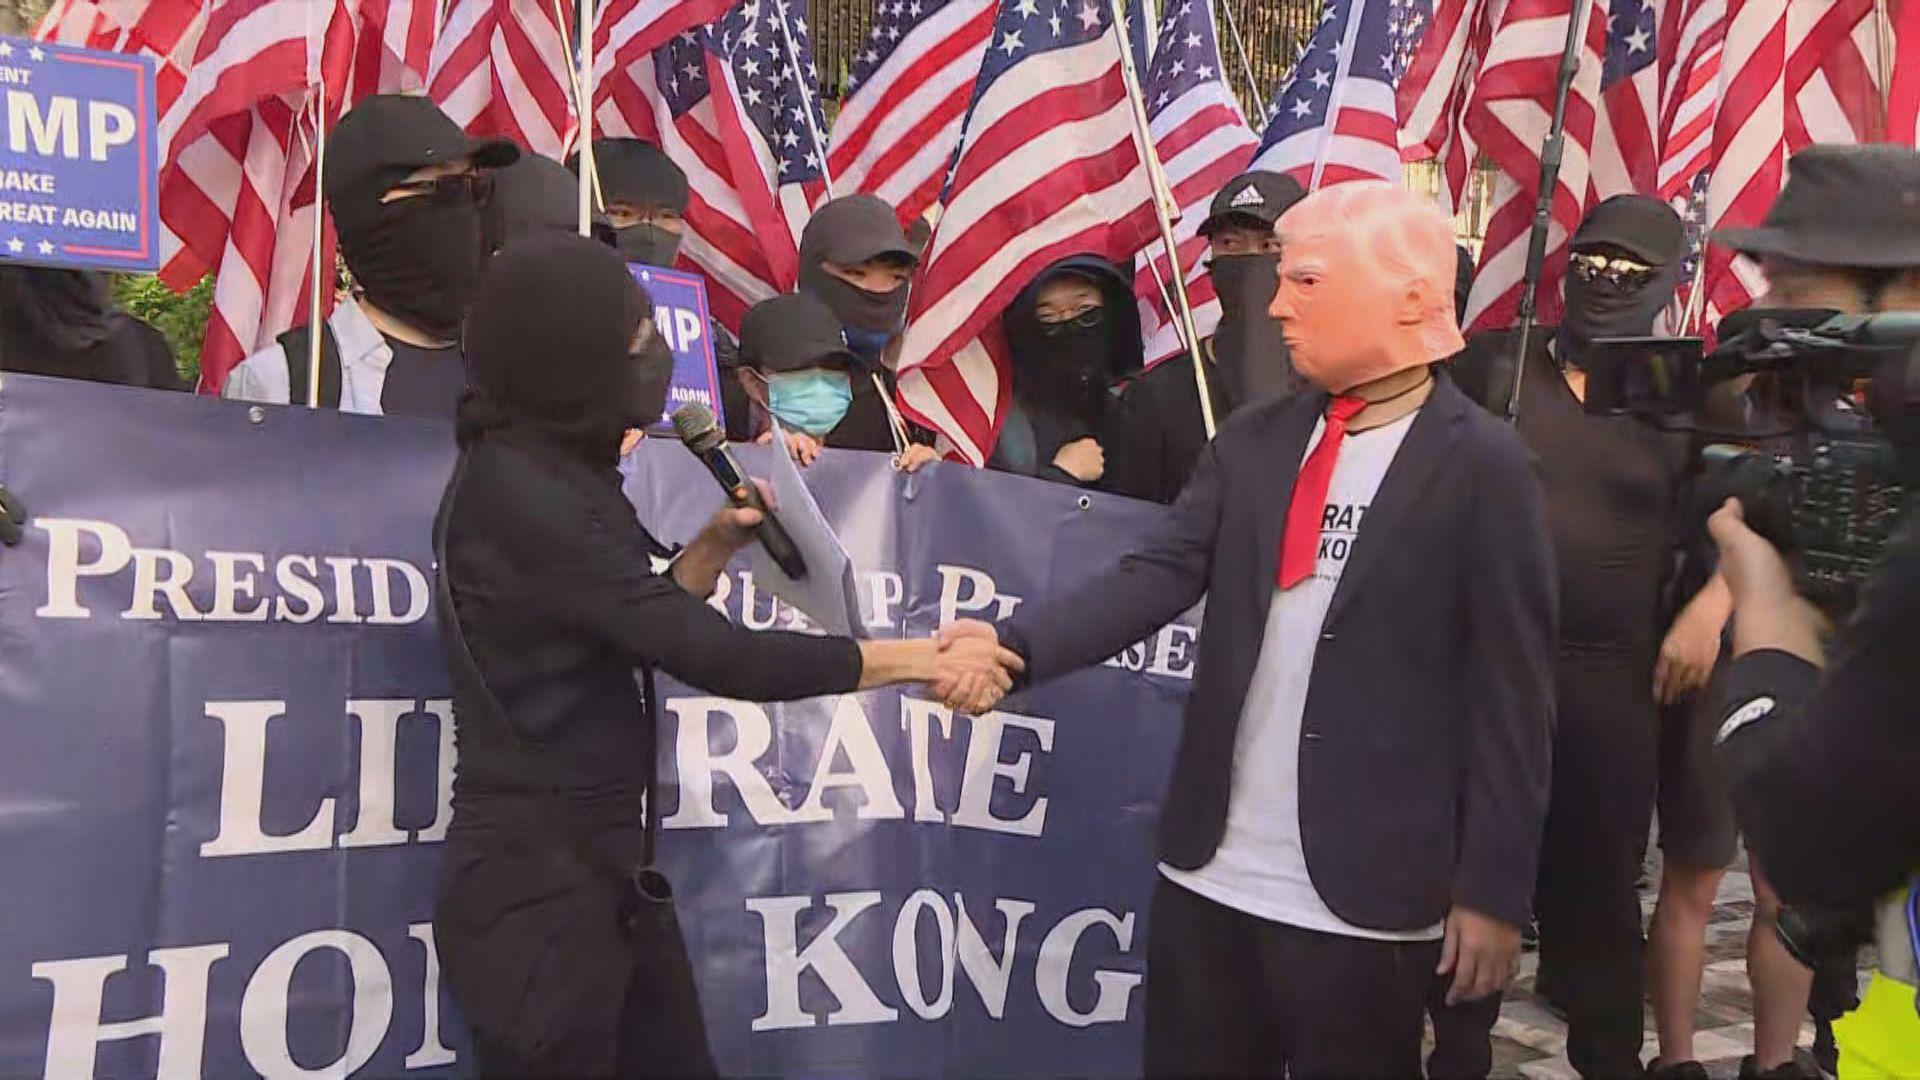 大批市民中環集會及遊行 感謝美國通過人權法案